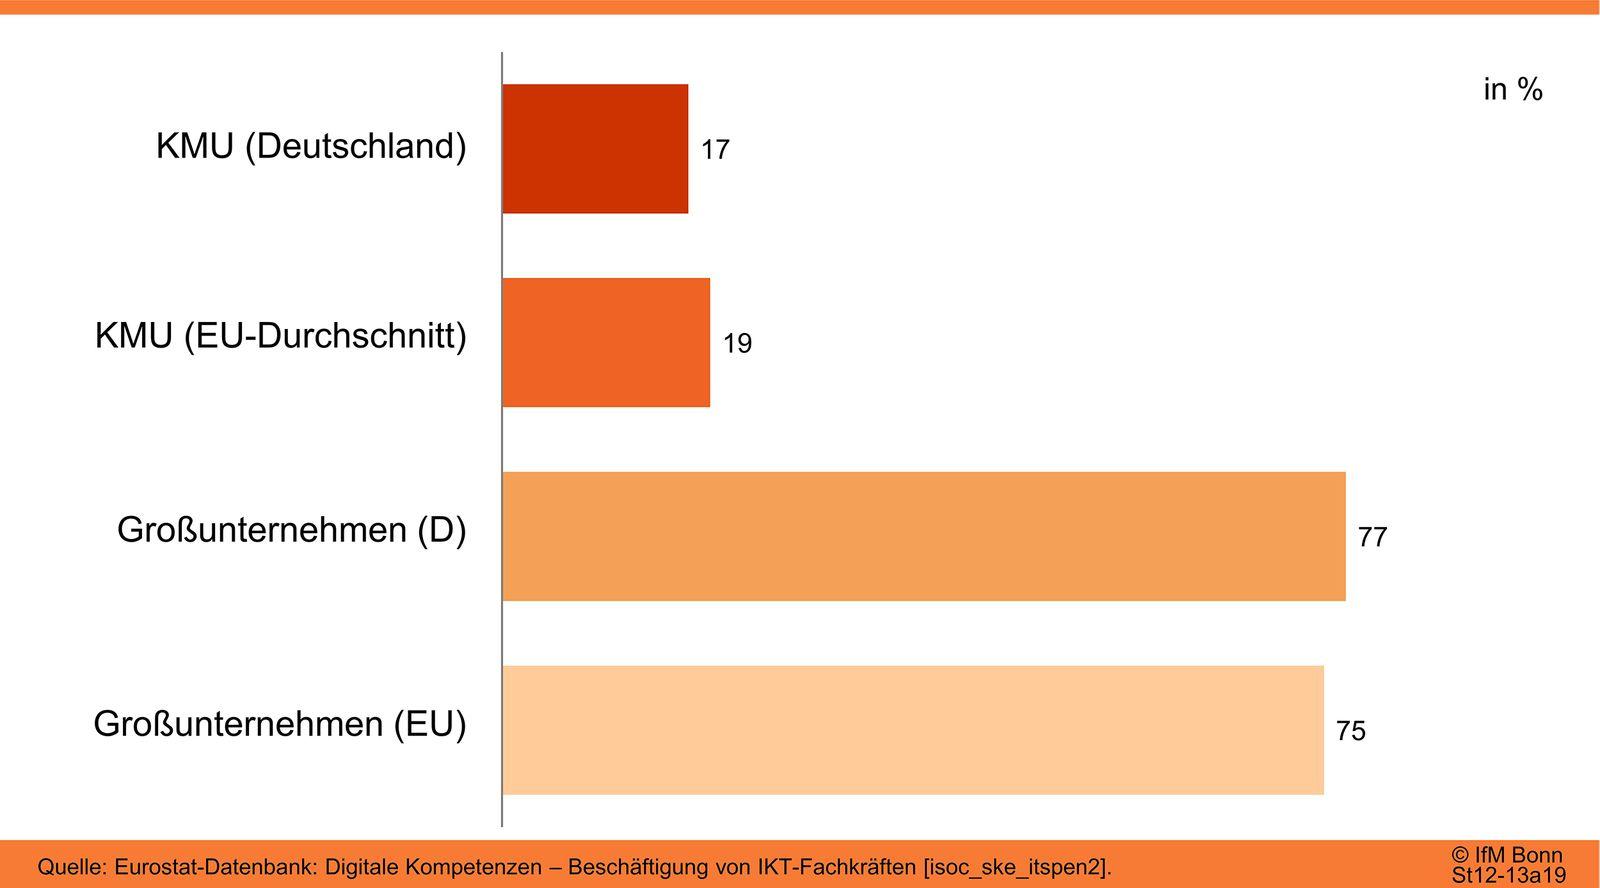 Unternehmen mit IKT-Fachkräften im EU-Vergleich (2019)